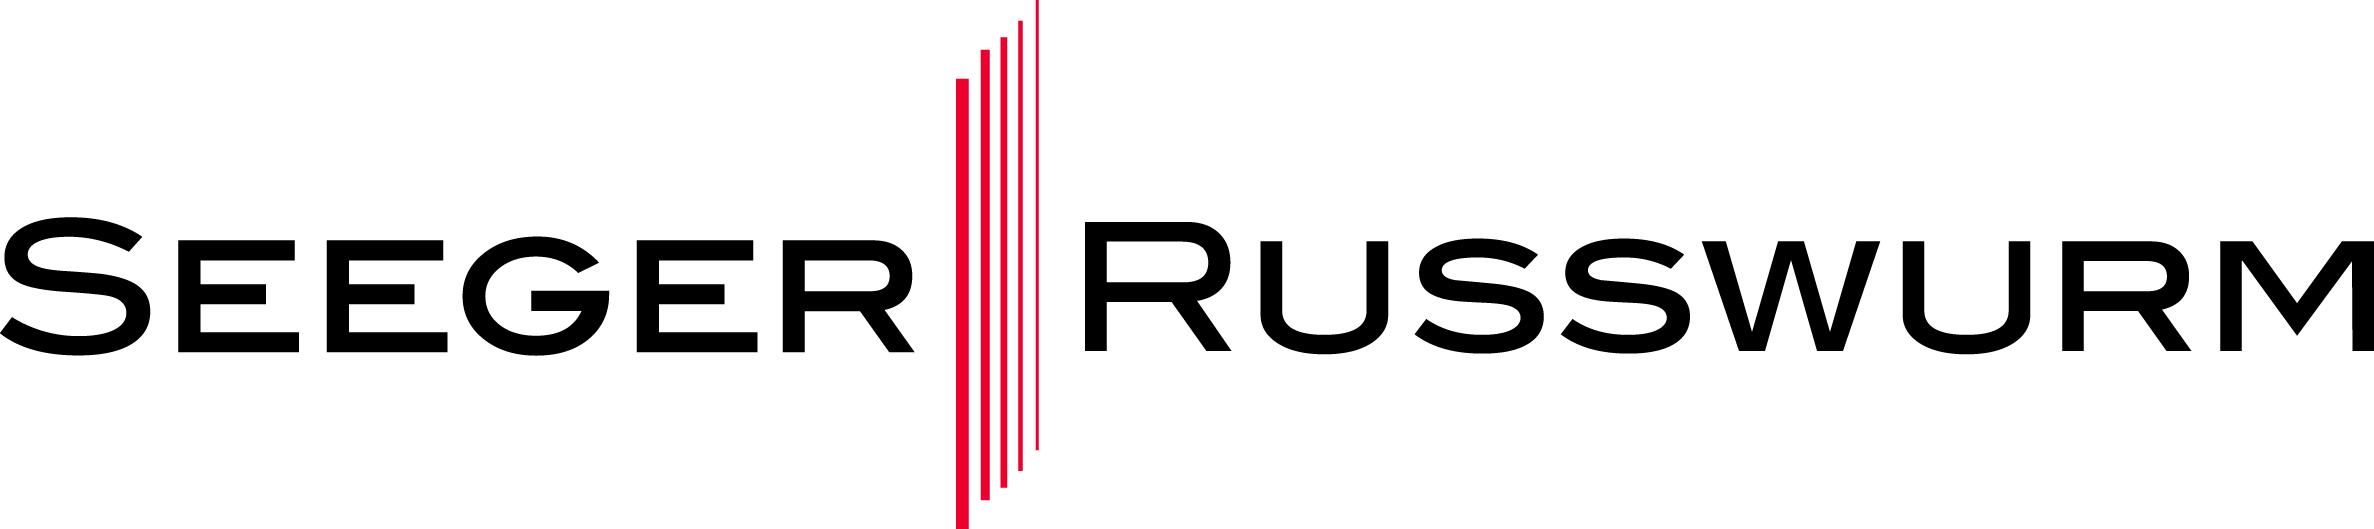 Hier sehen Sie das Logo von SEEGER & RUSSWURM Immobilien GmbH